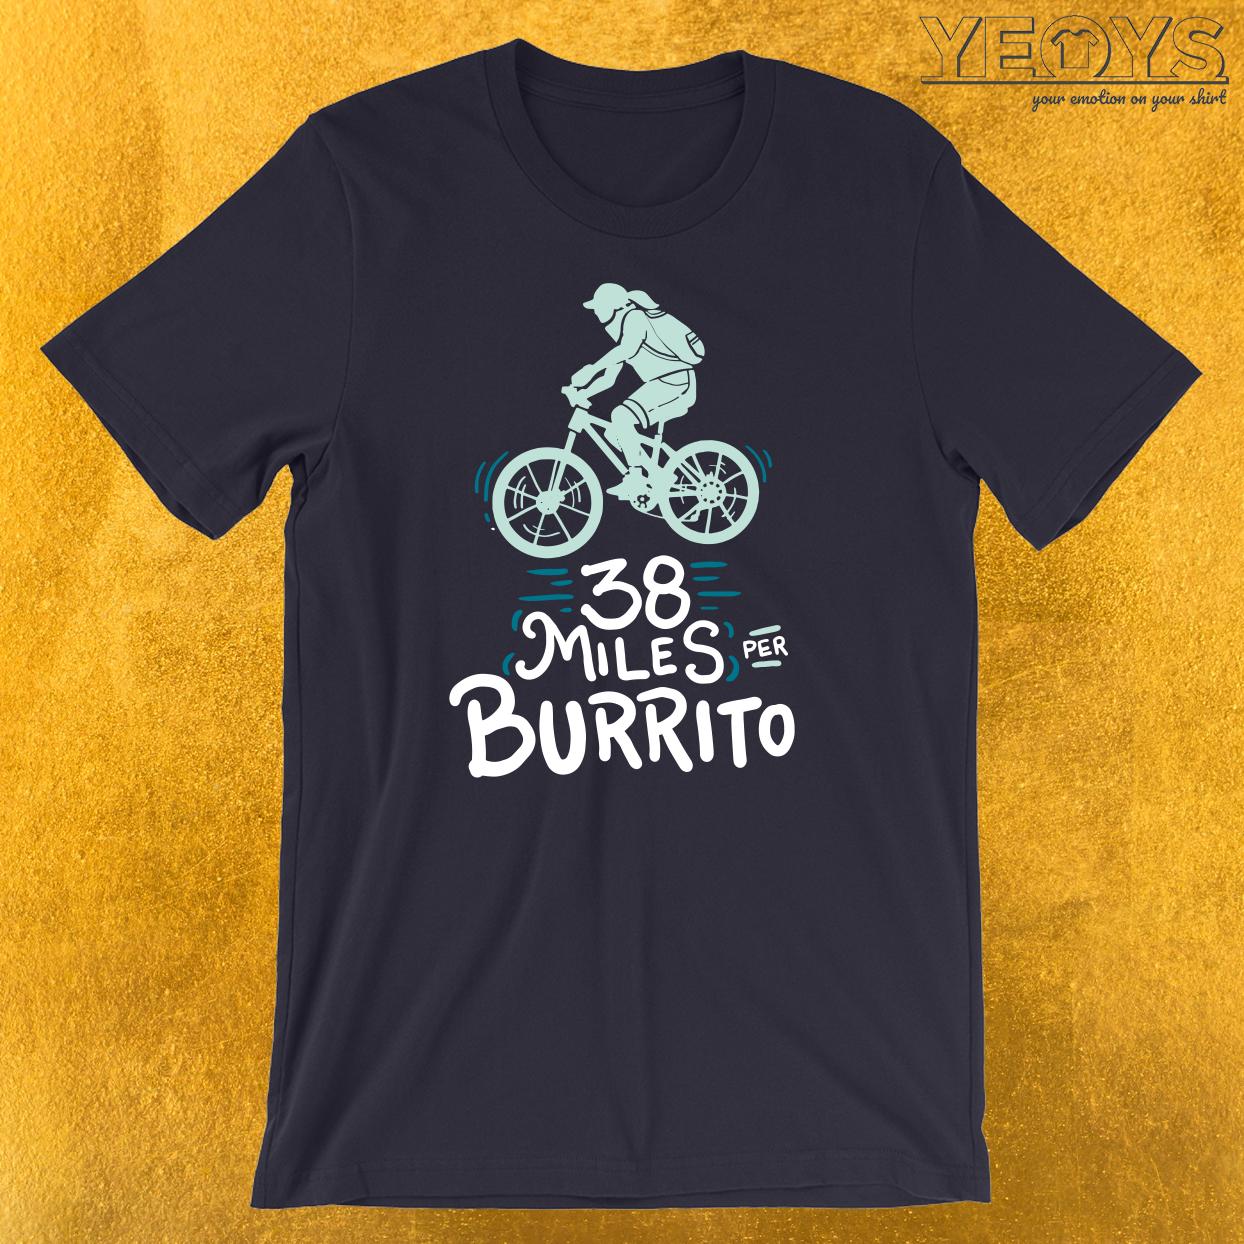 38 Miles Per Burrito T-Shirt